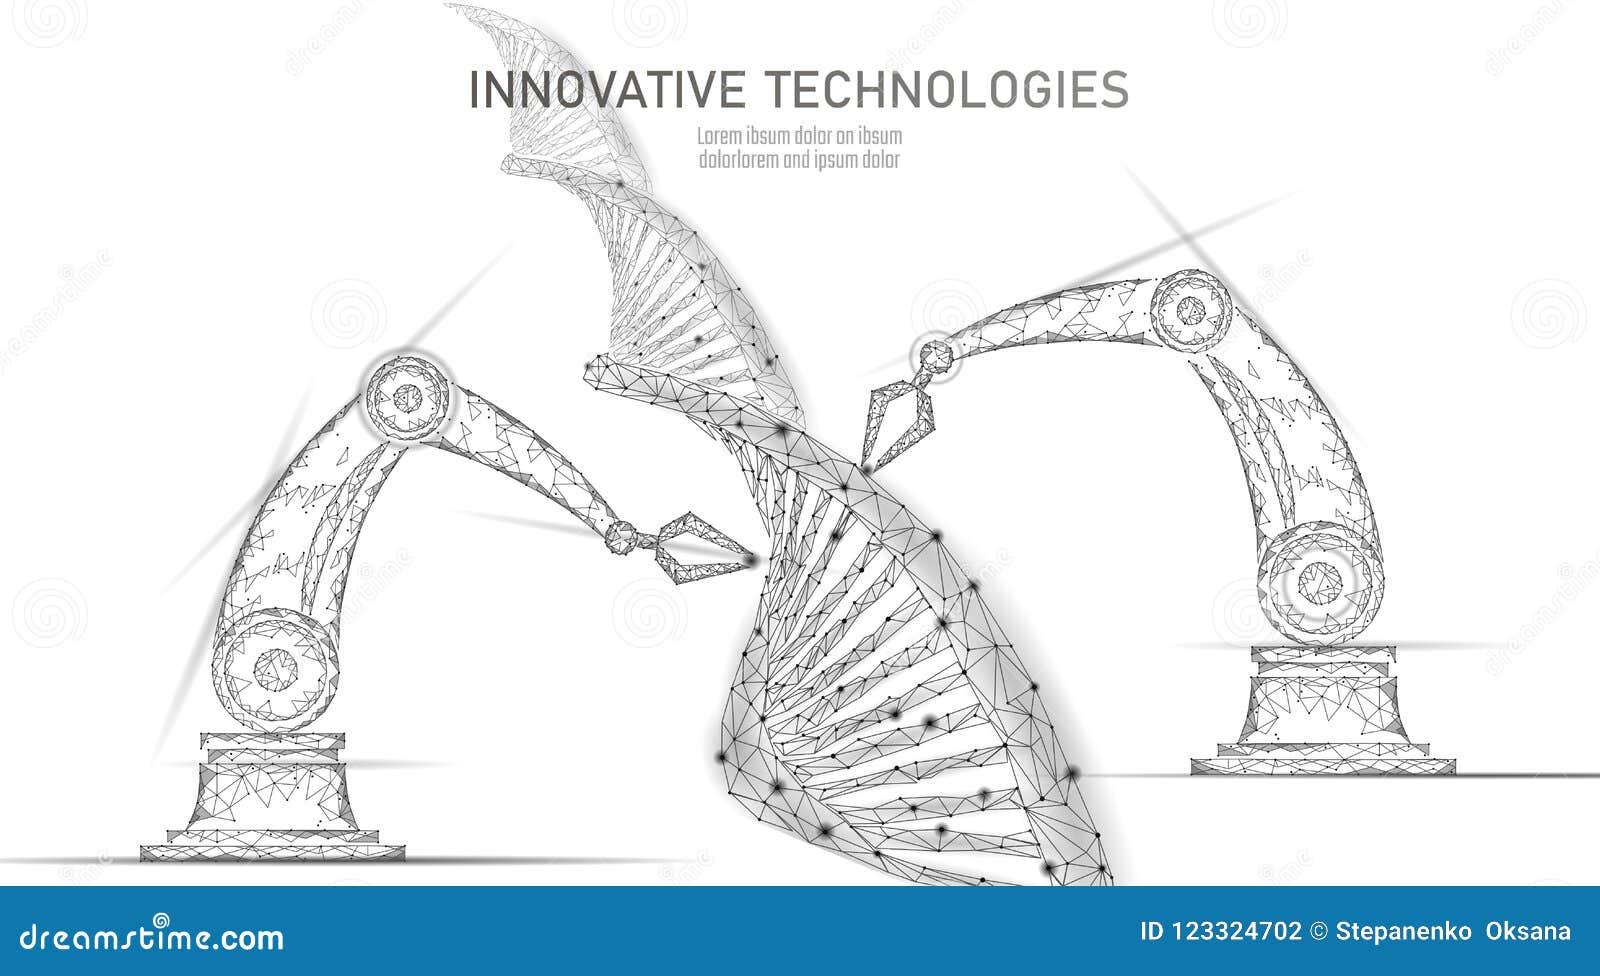 低多化学制品脱氧核糖核酸综合科学概念 多角形实验室化学遗传工程反应器 现代创新